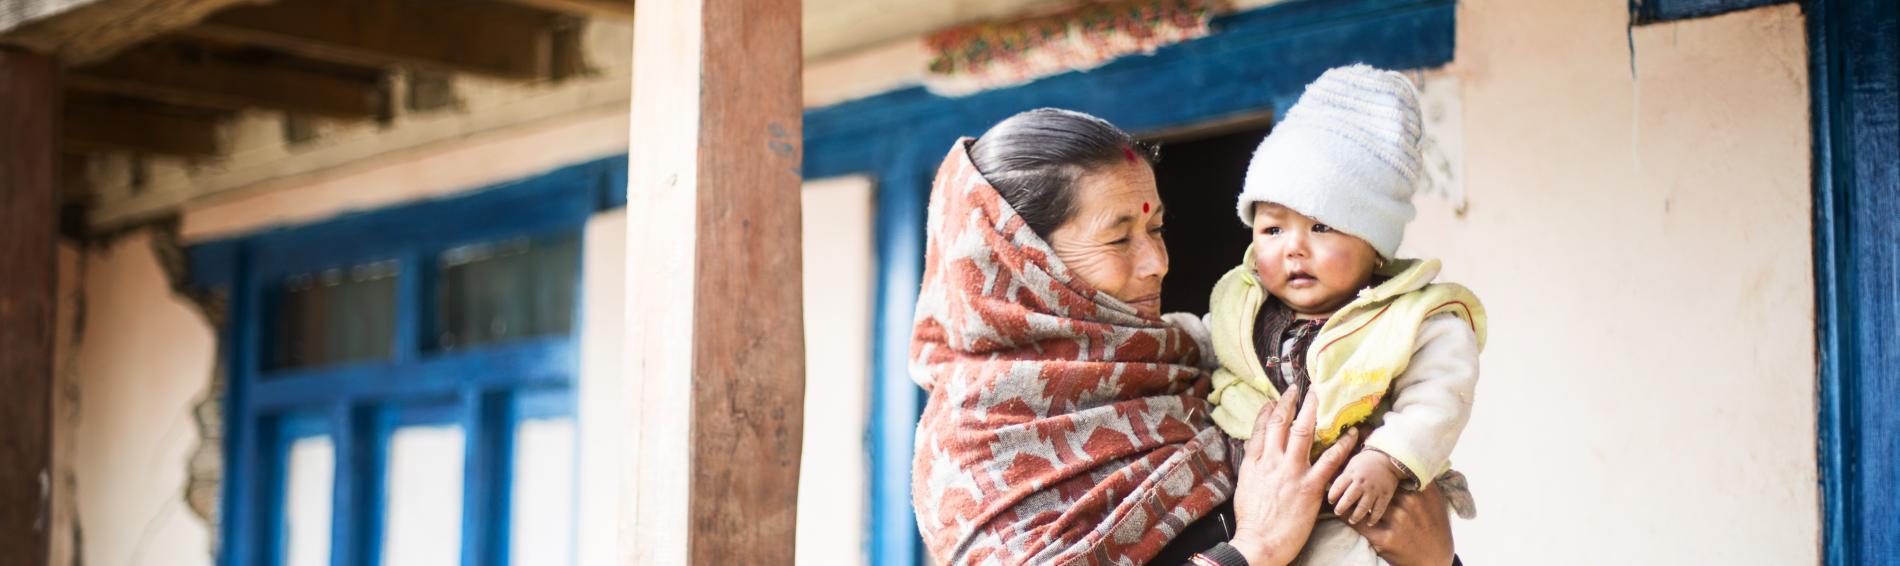 Großmutter und Kind in Nepal. Foto: Ärzte der Welt